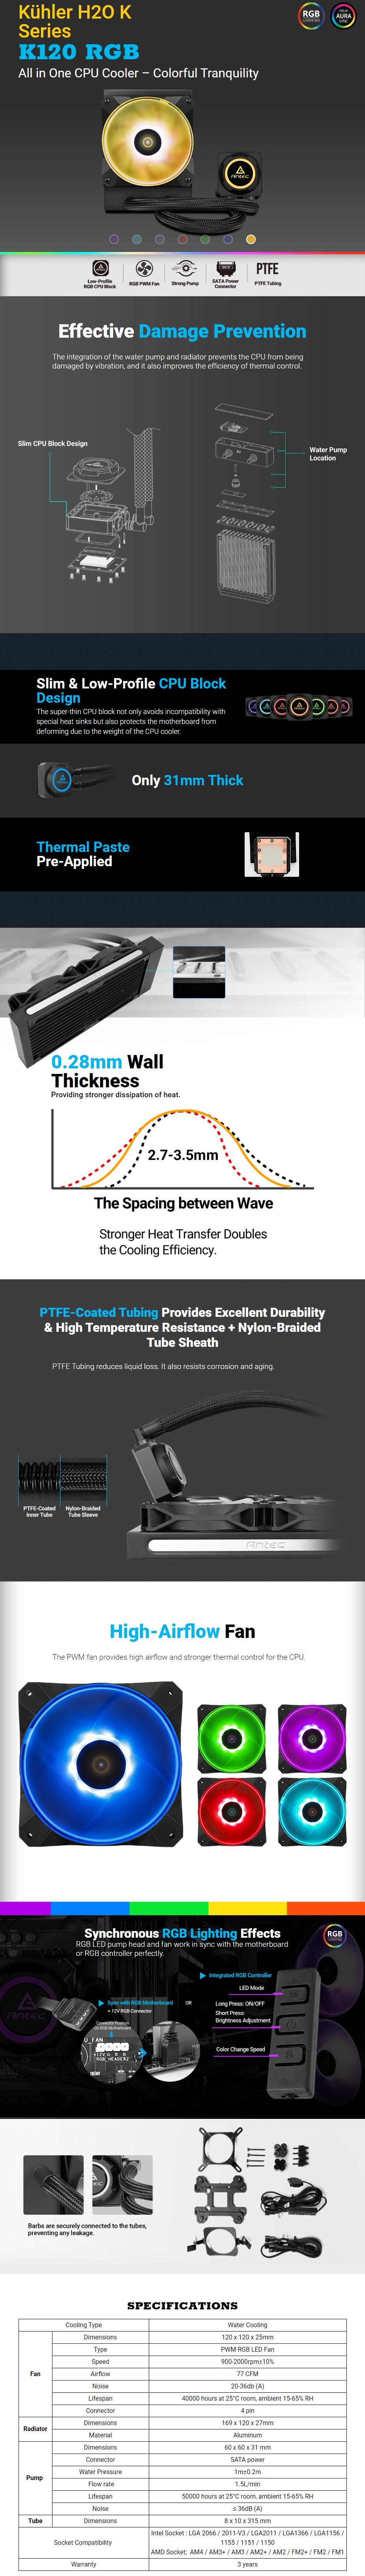 Antec Kuhler K120 RGB AIO Liquid CPU Cooler - Overview 1